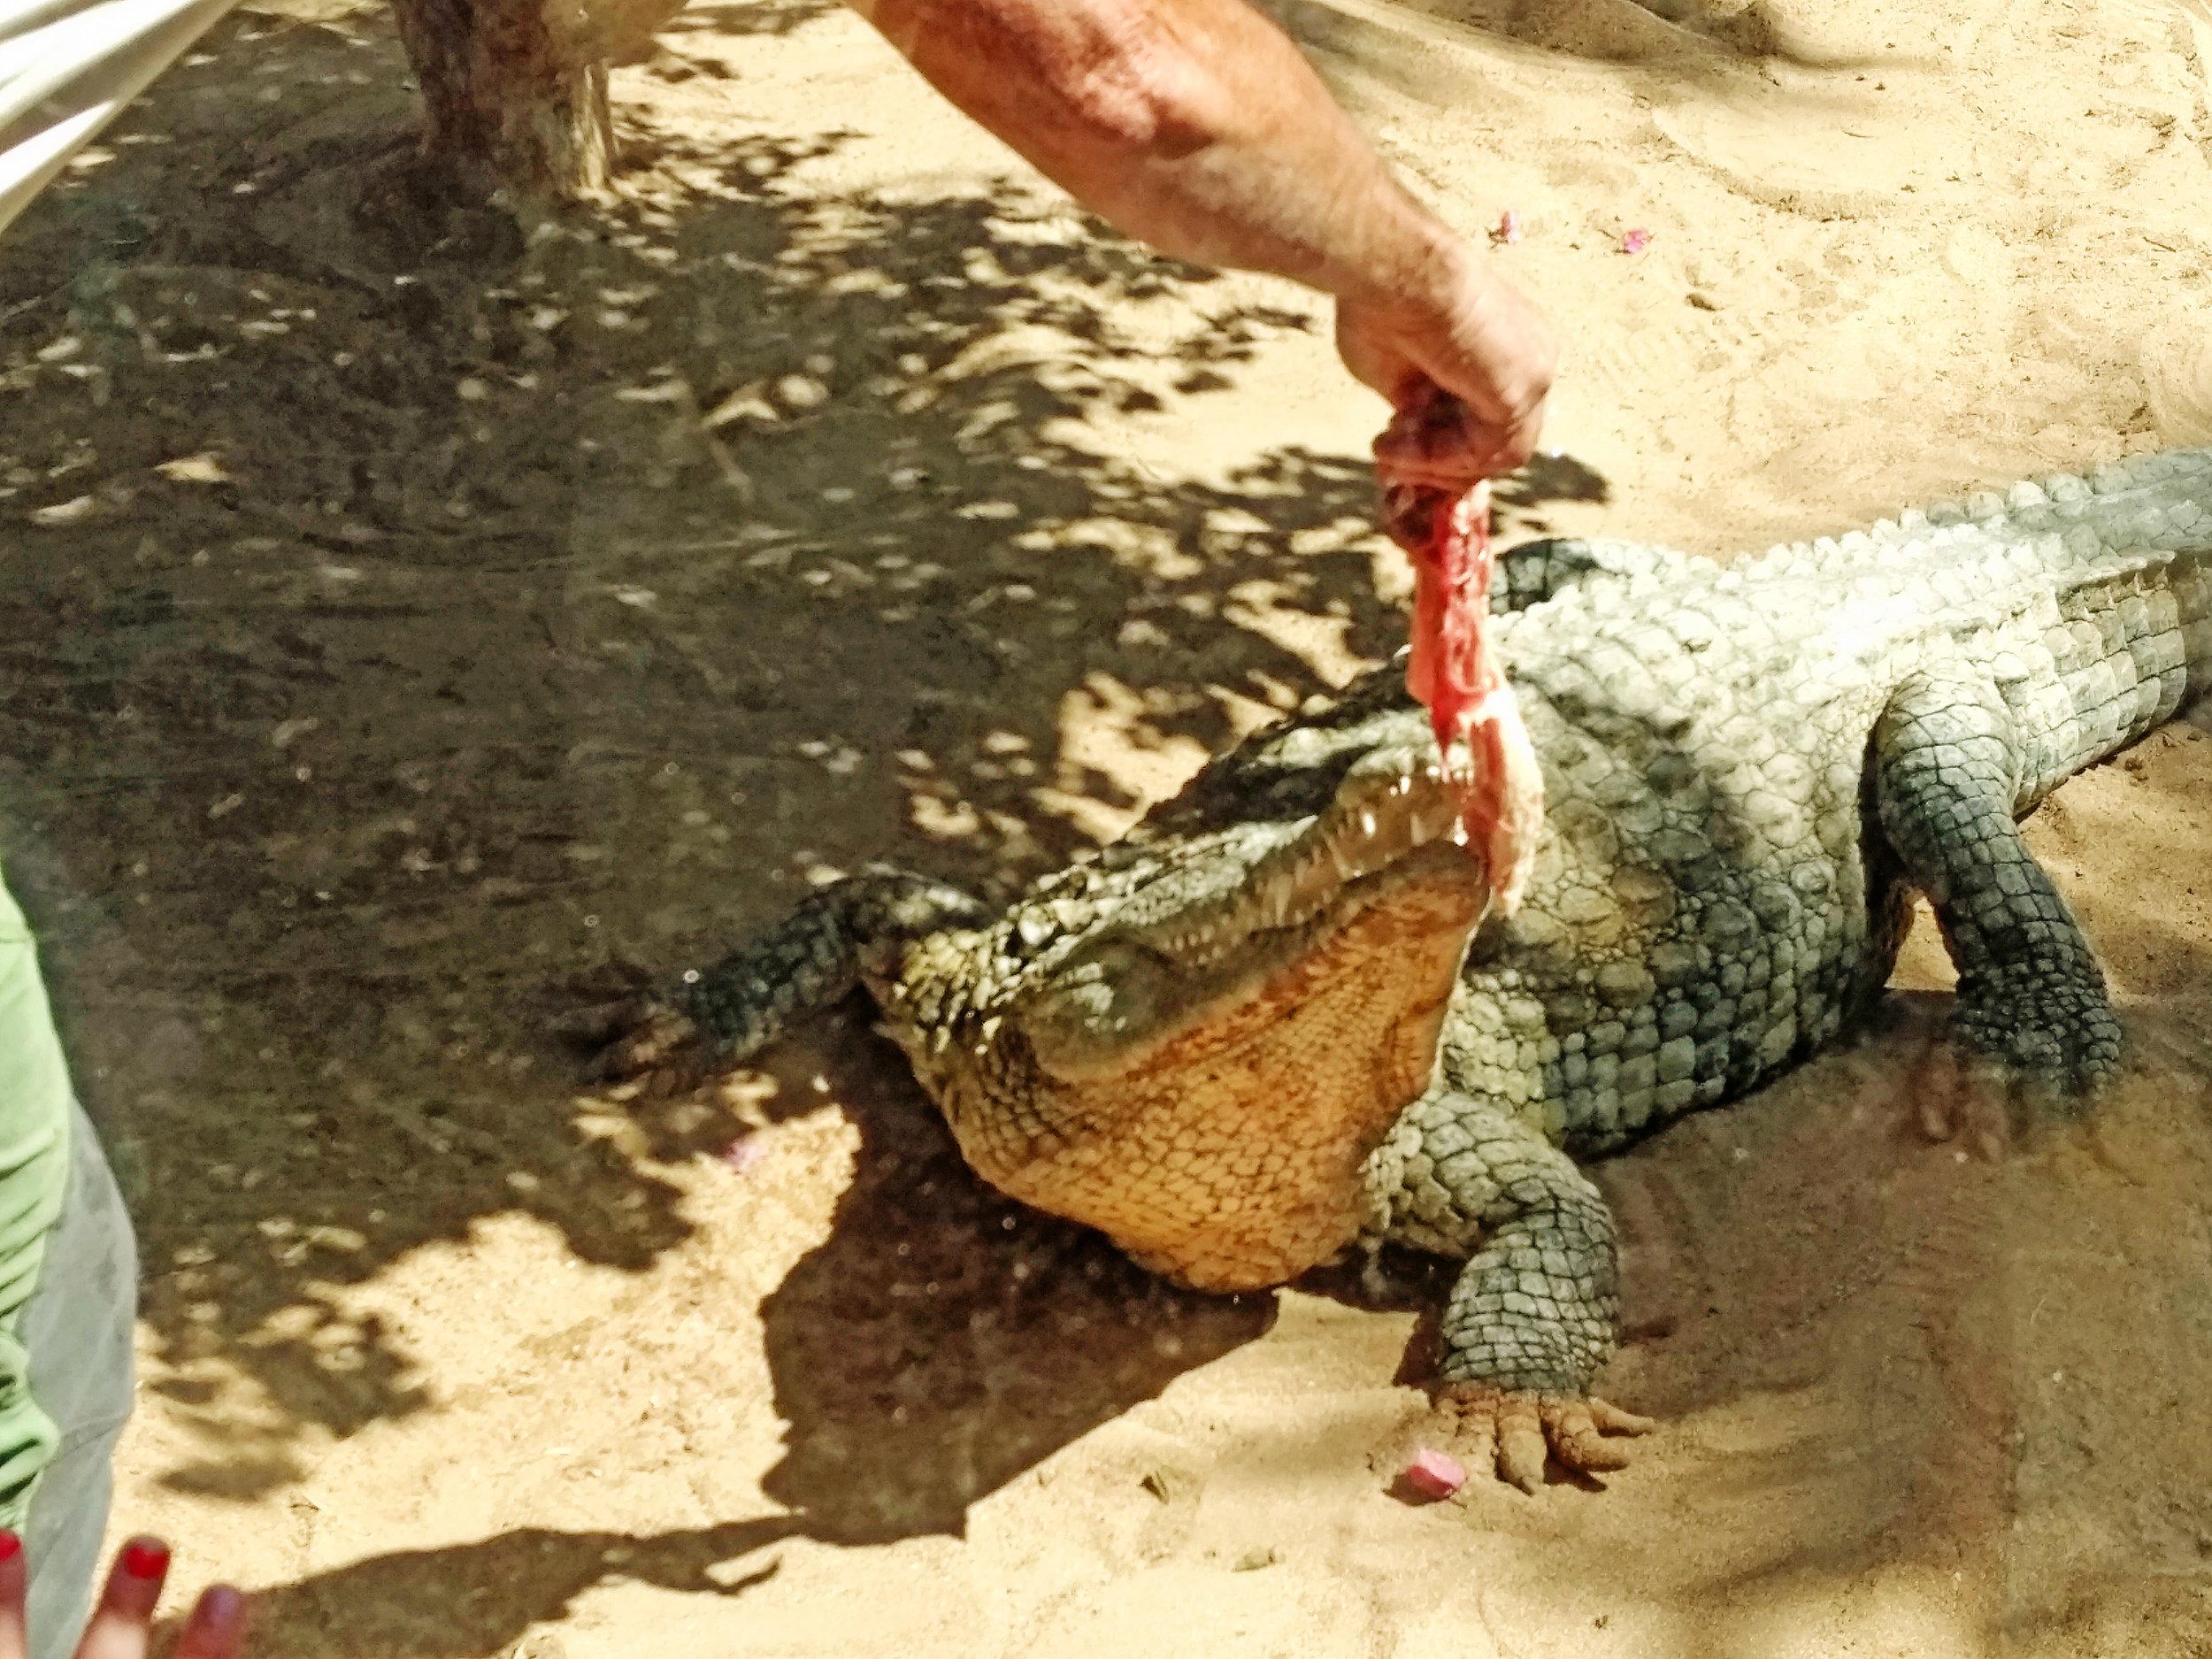 Om vinteren er krokodillane ikkje særleg svoltne.